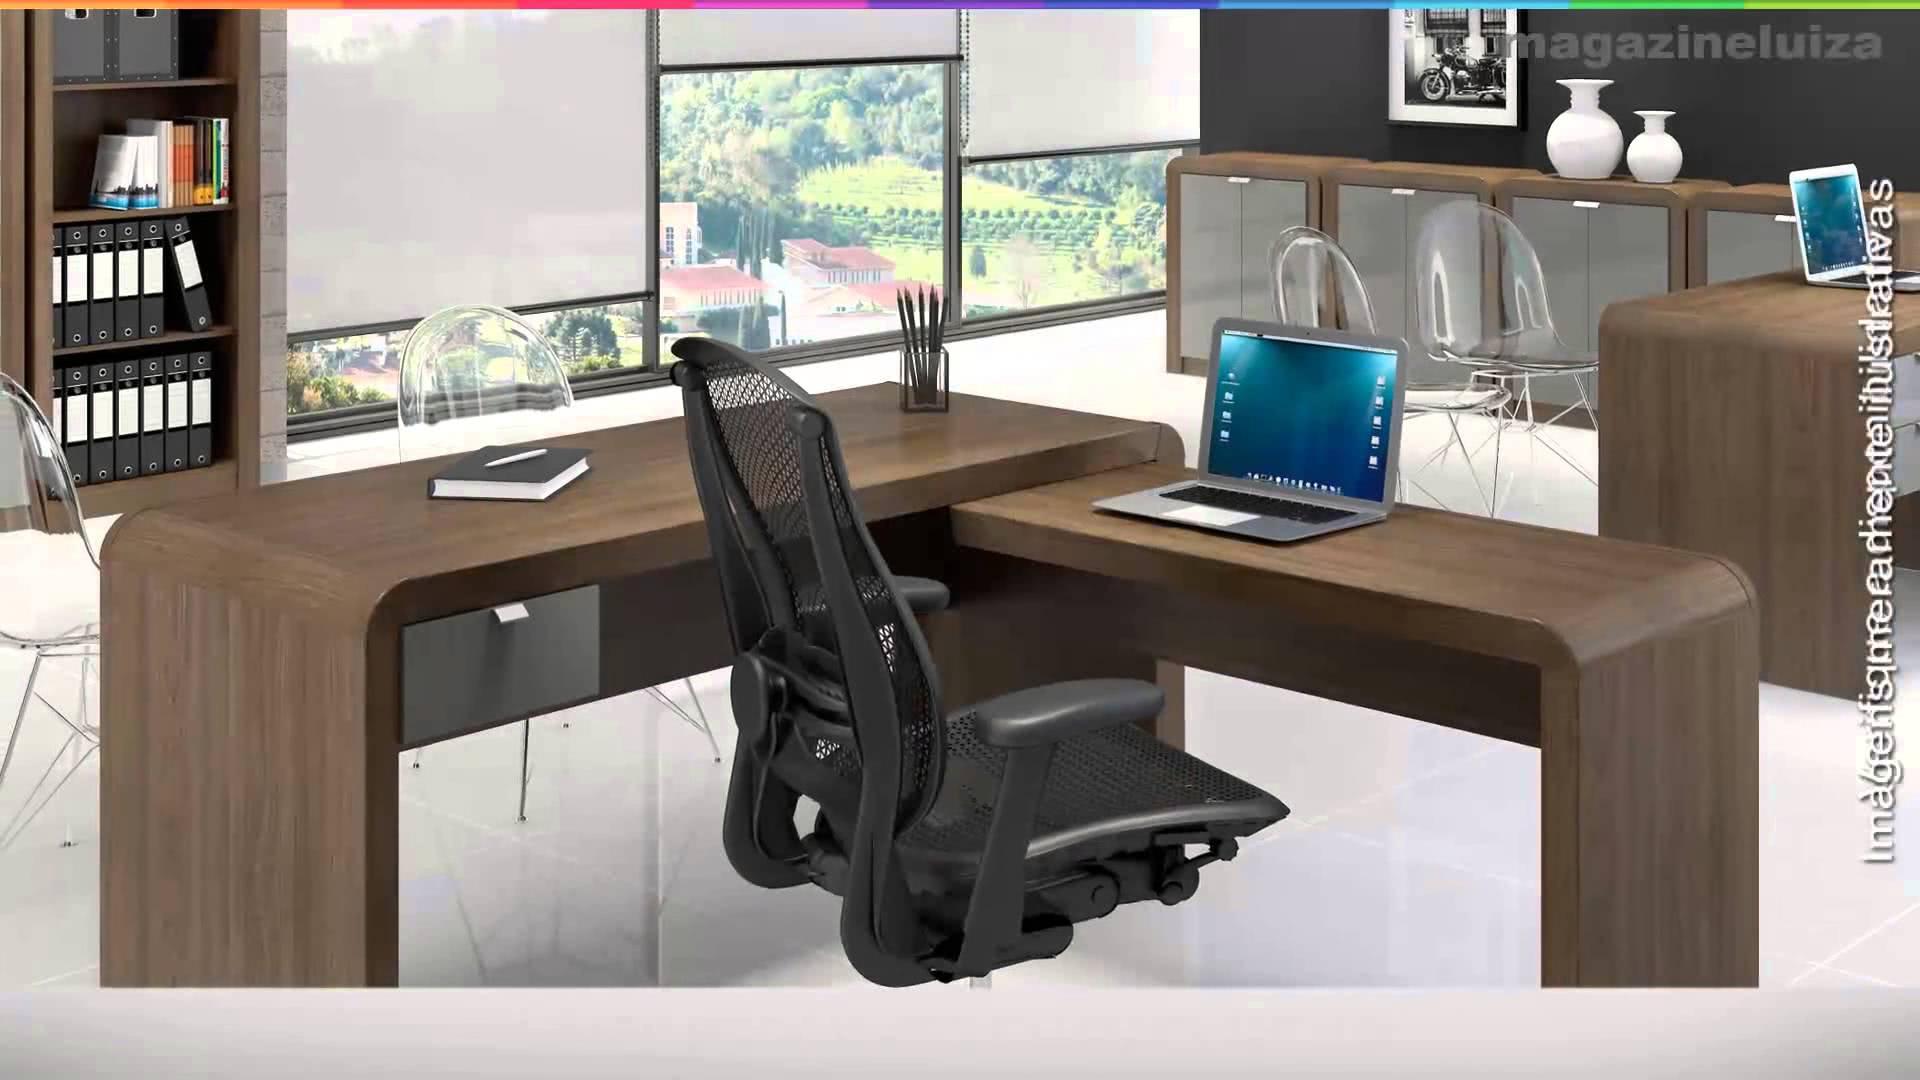 moveis para escritorio8 #0A4265 1920x1080